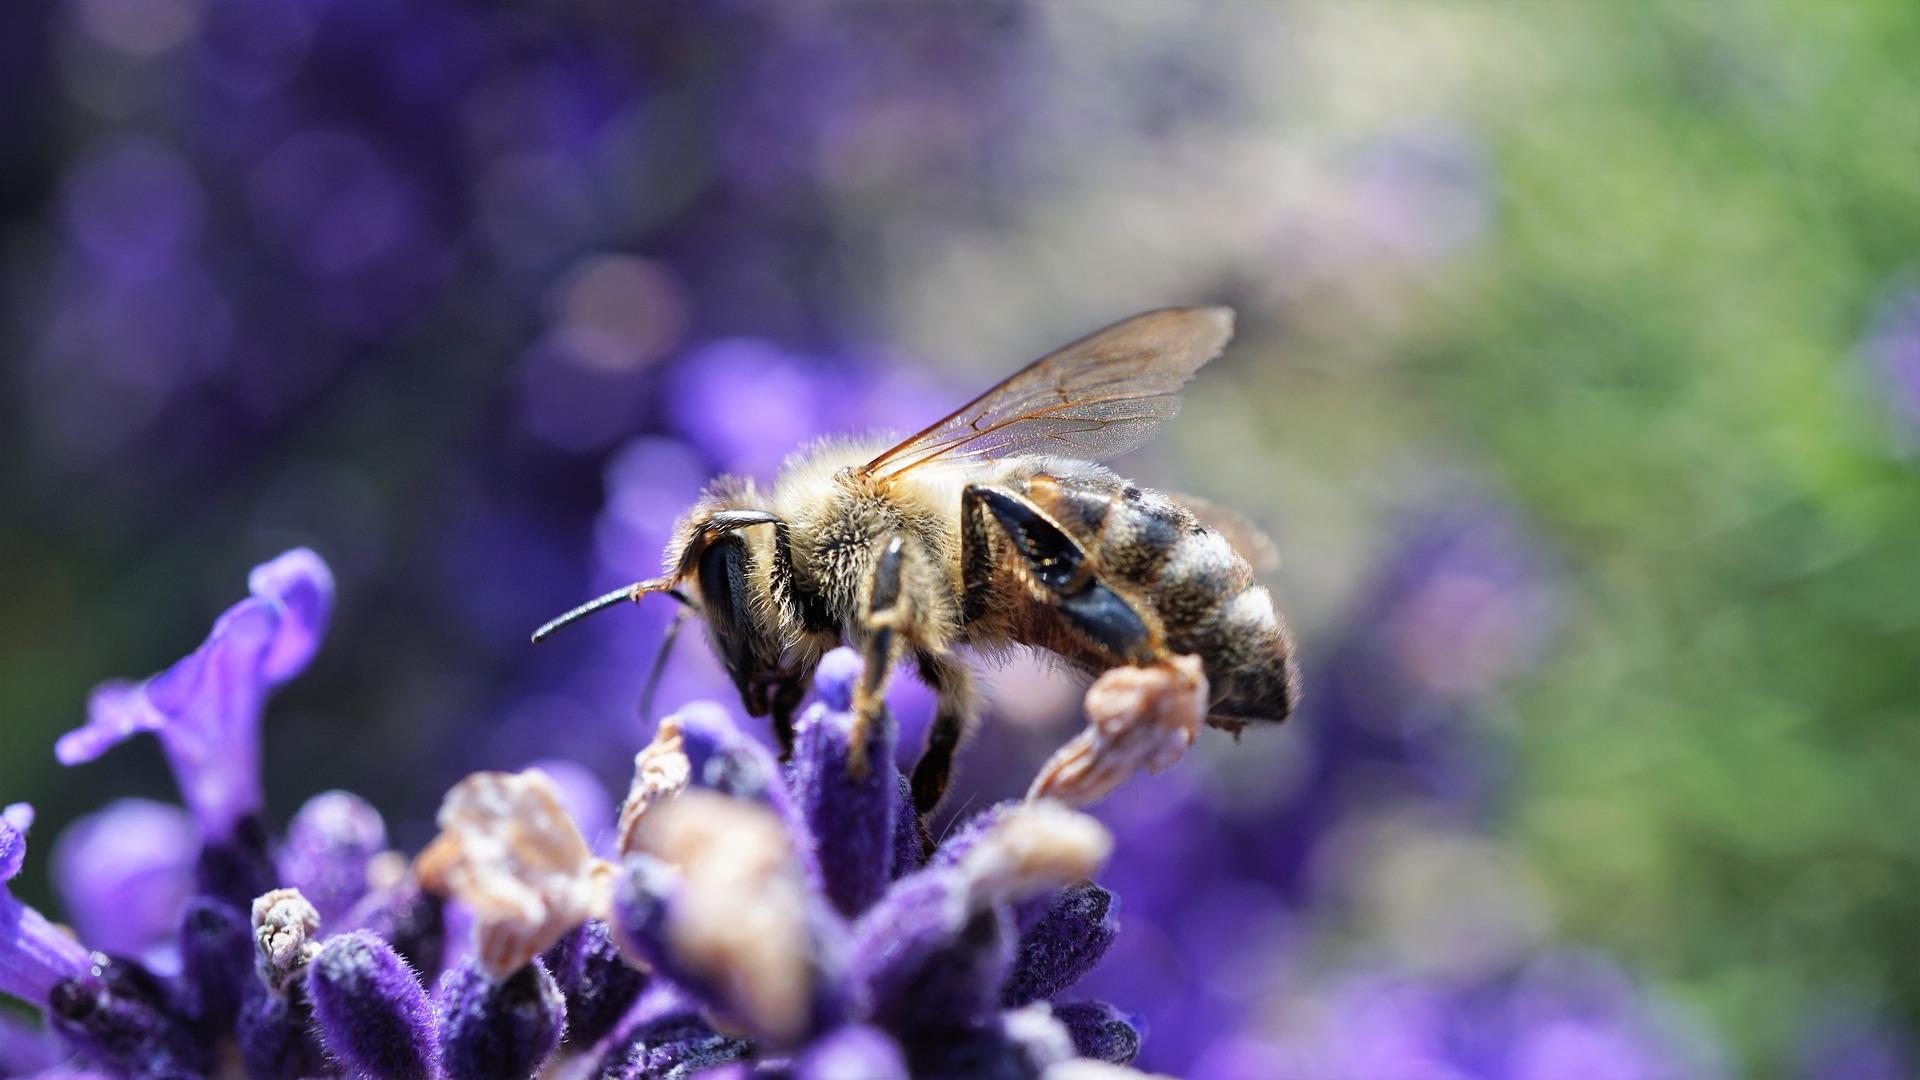 International Biodiversity Day 2020